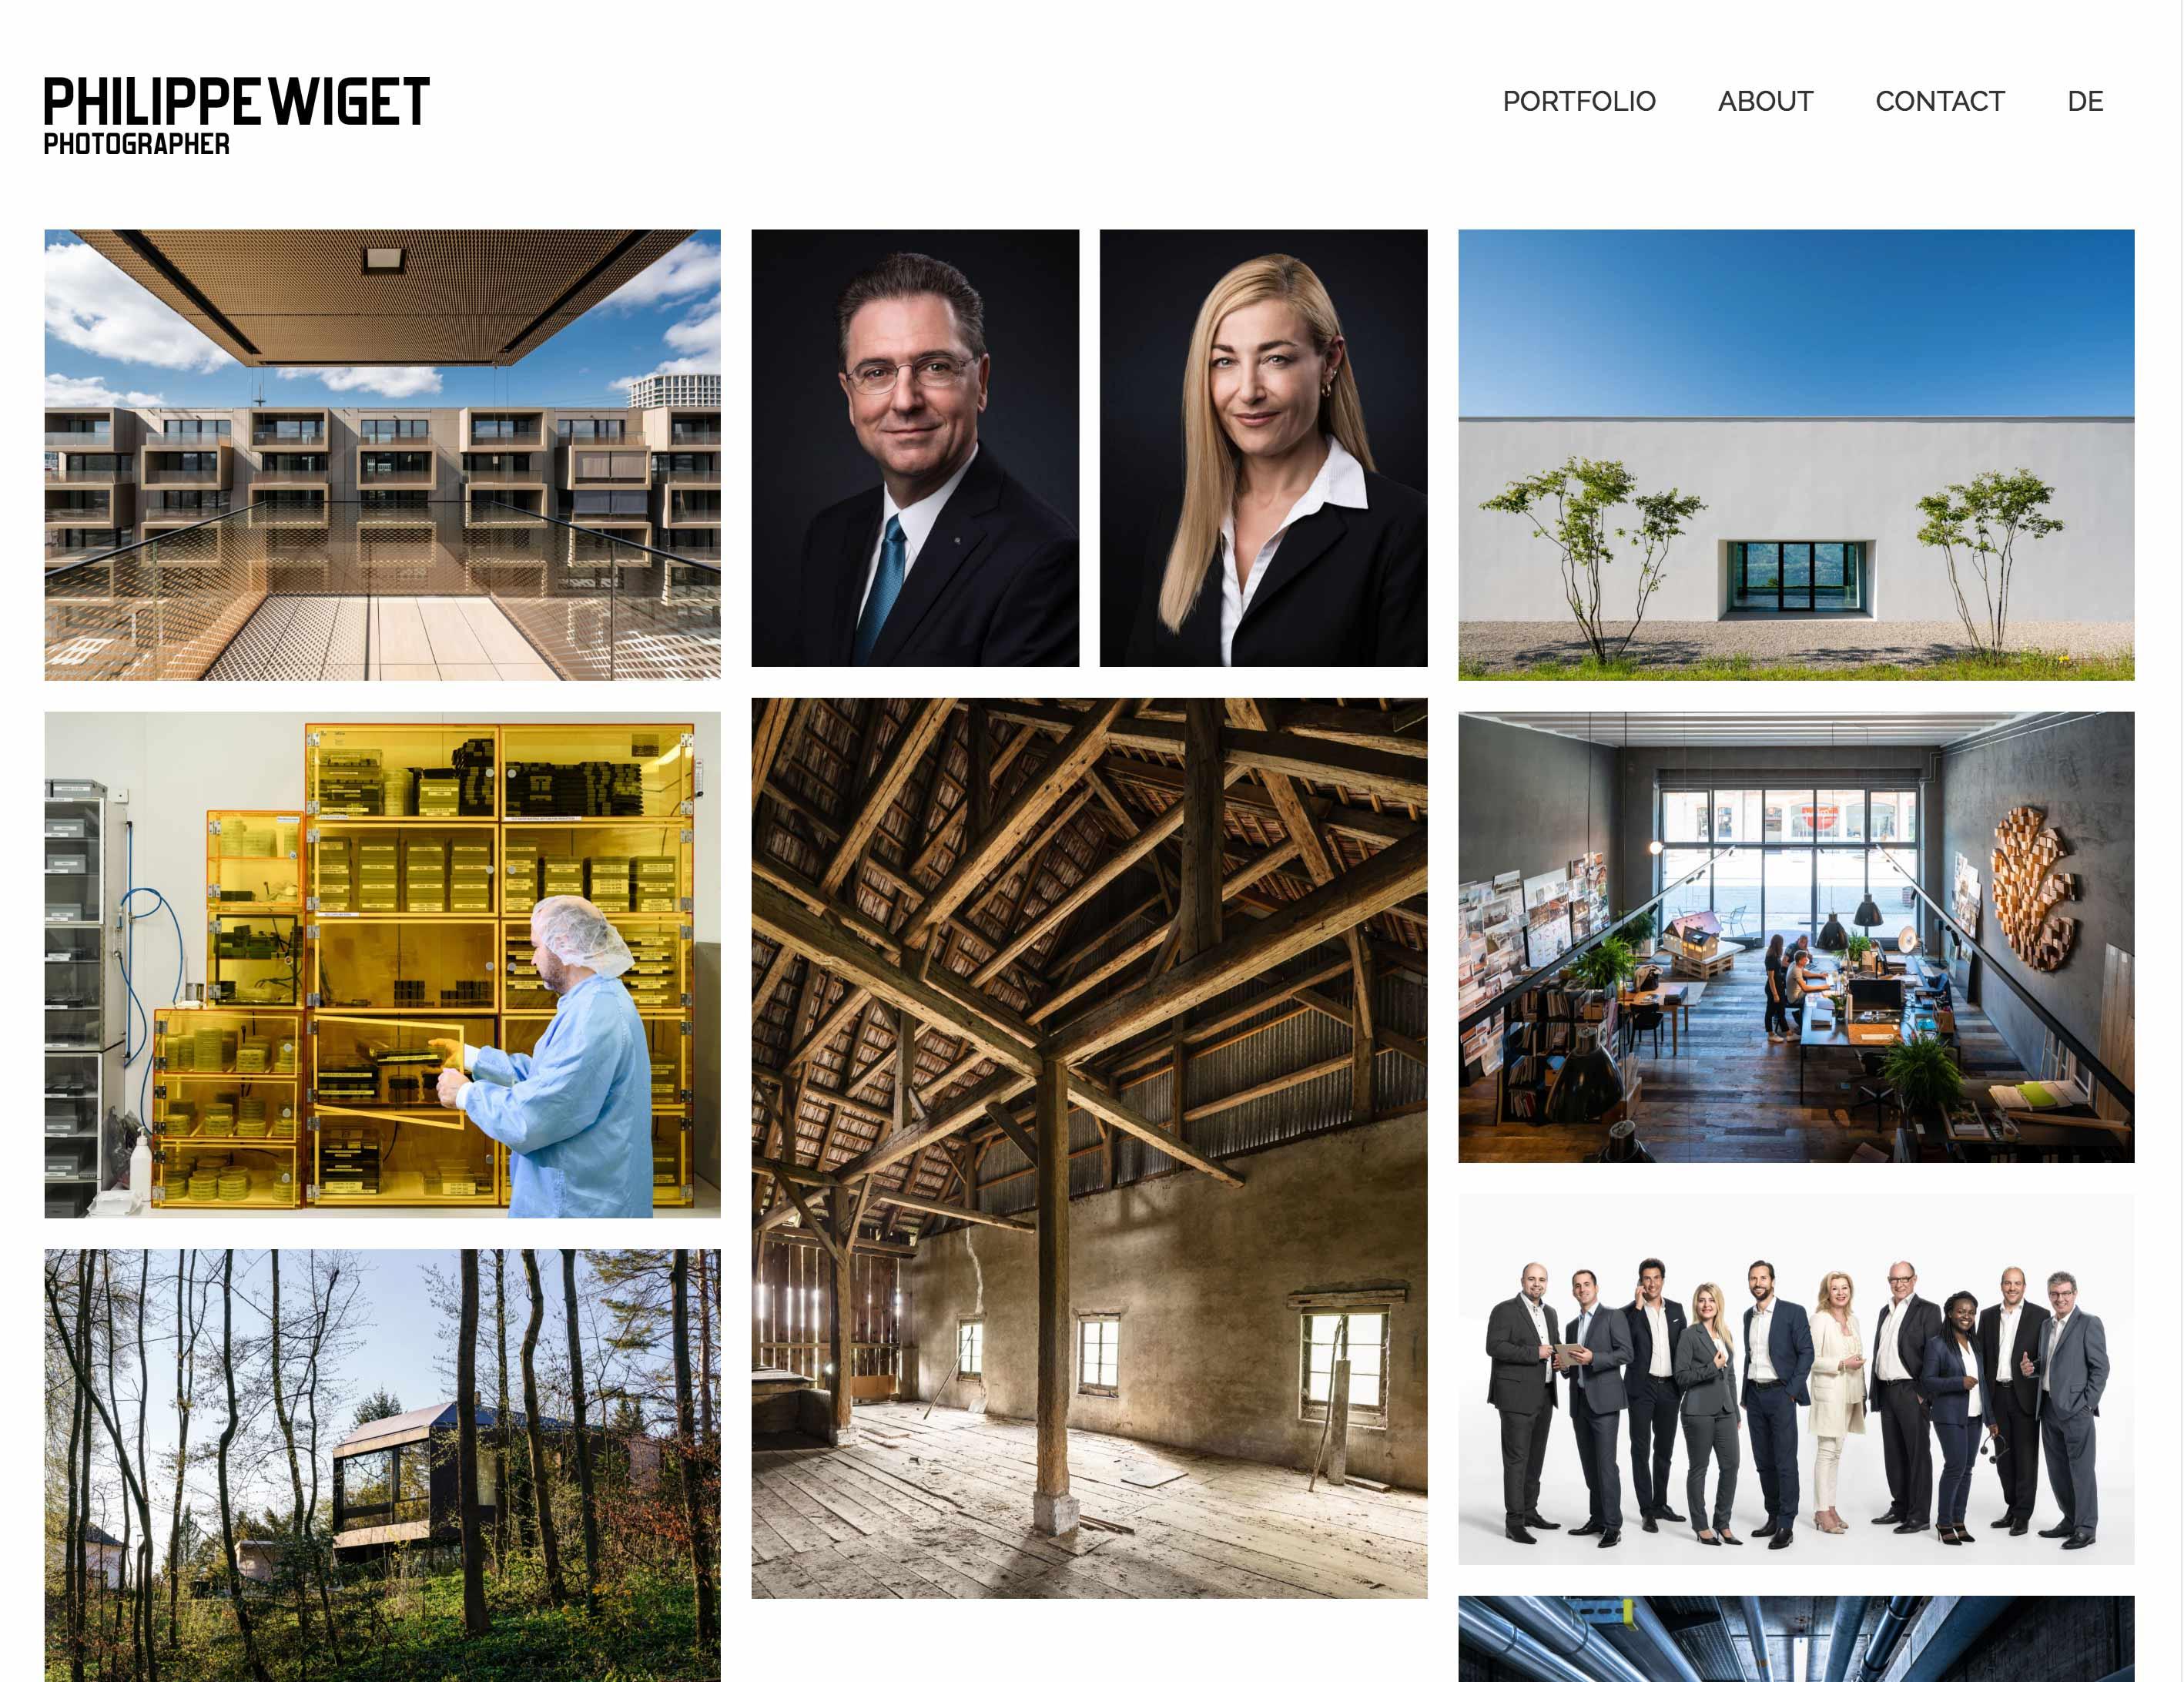 philippewiget.com - Architekturfotografie Industriefotografie Landschaftsfotografie Unternehmensfotografie Reportagen Portraits